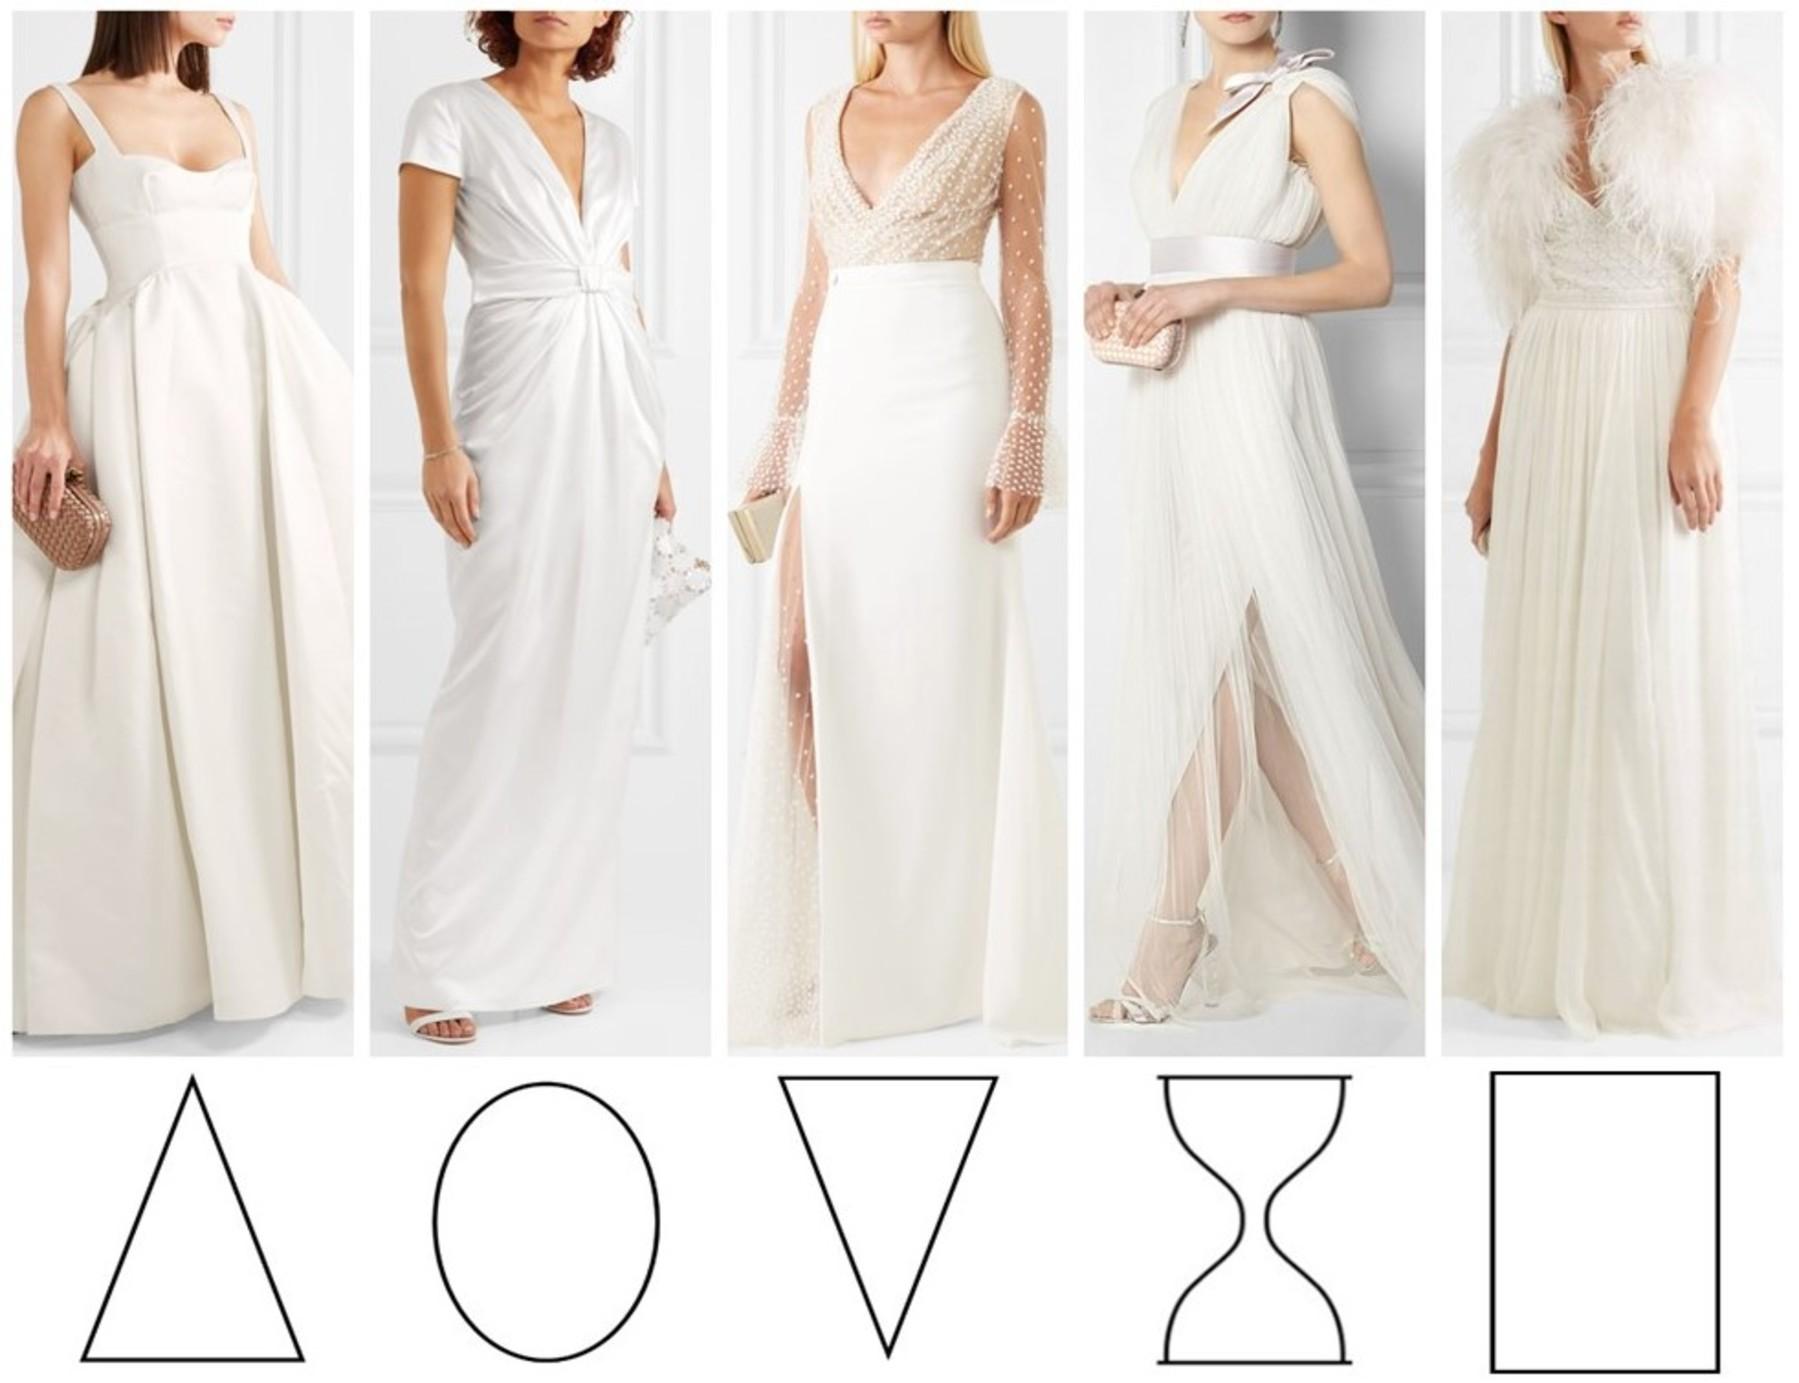 a4ef34a30e59 Come scegliere l abito da sposa in base alla Body Shape